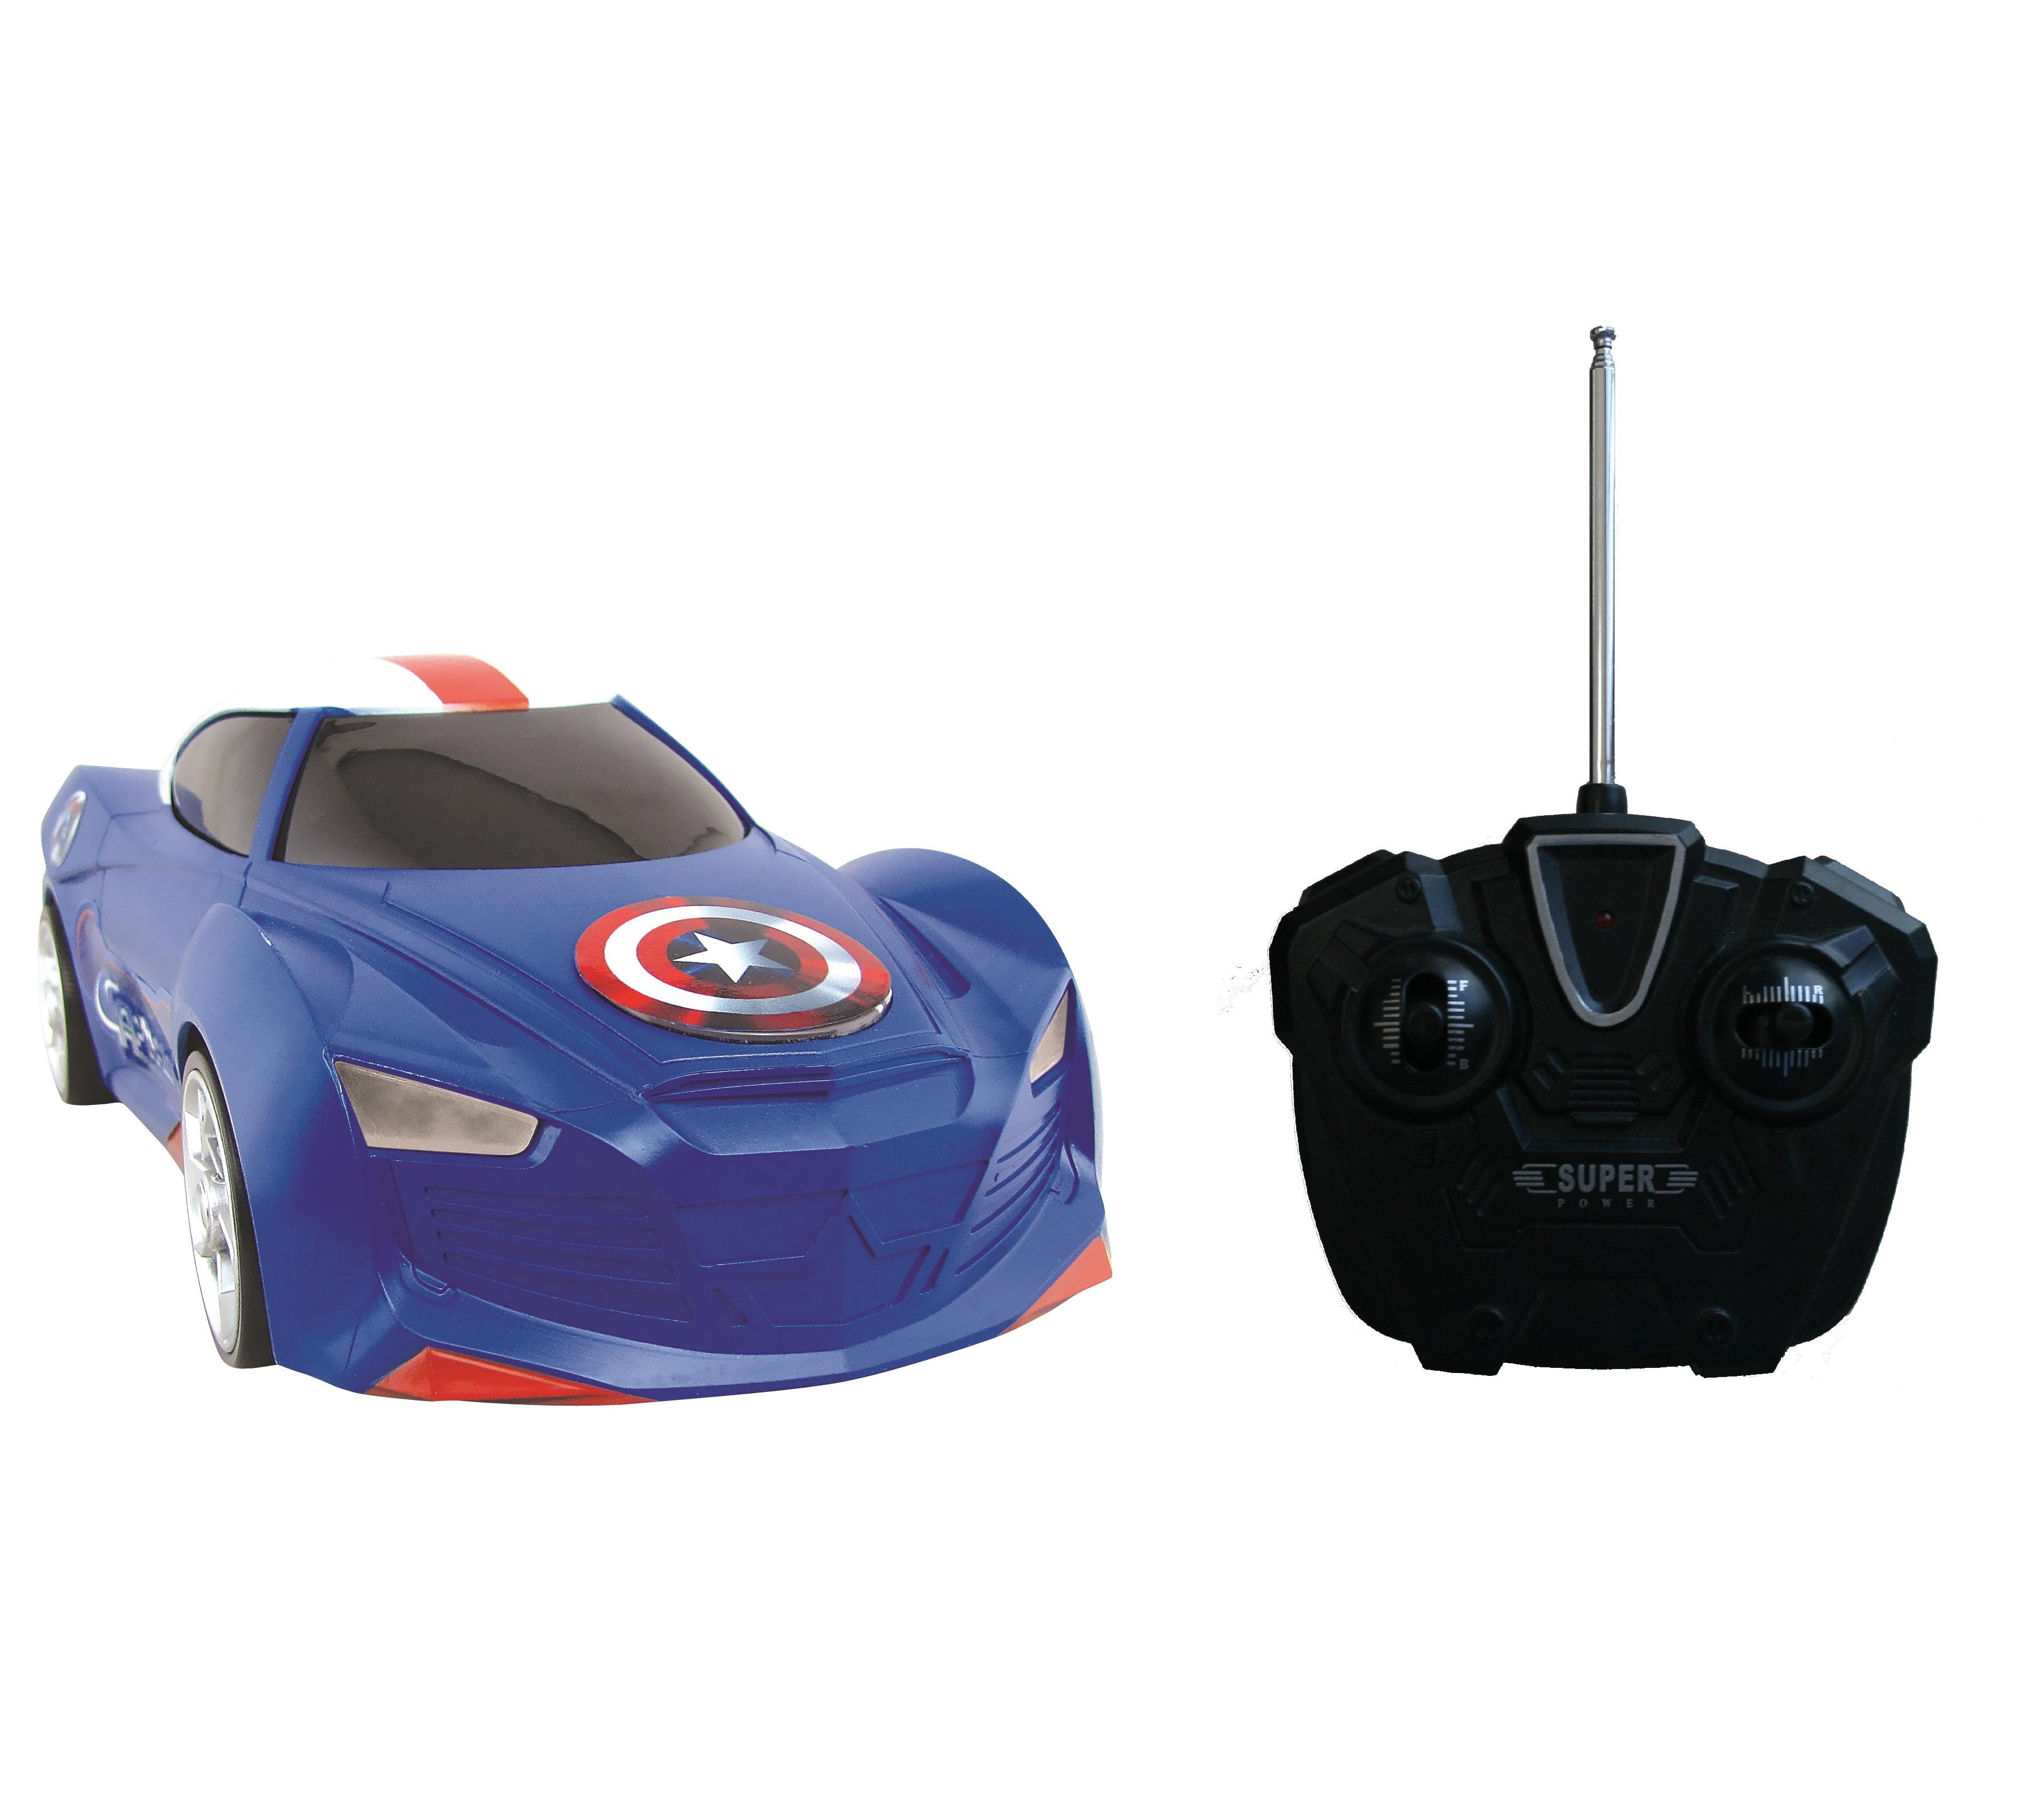 Радиоуправлема машинка из серии Мстители - Капитан Америка, 1:16Машины на р/у<br>Радиоуправлема машинка из серии Мстители - Капитан Америка, 1:16<br>